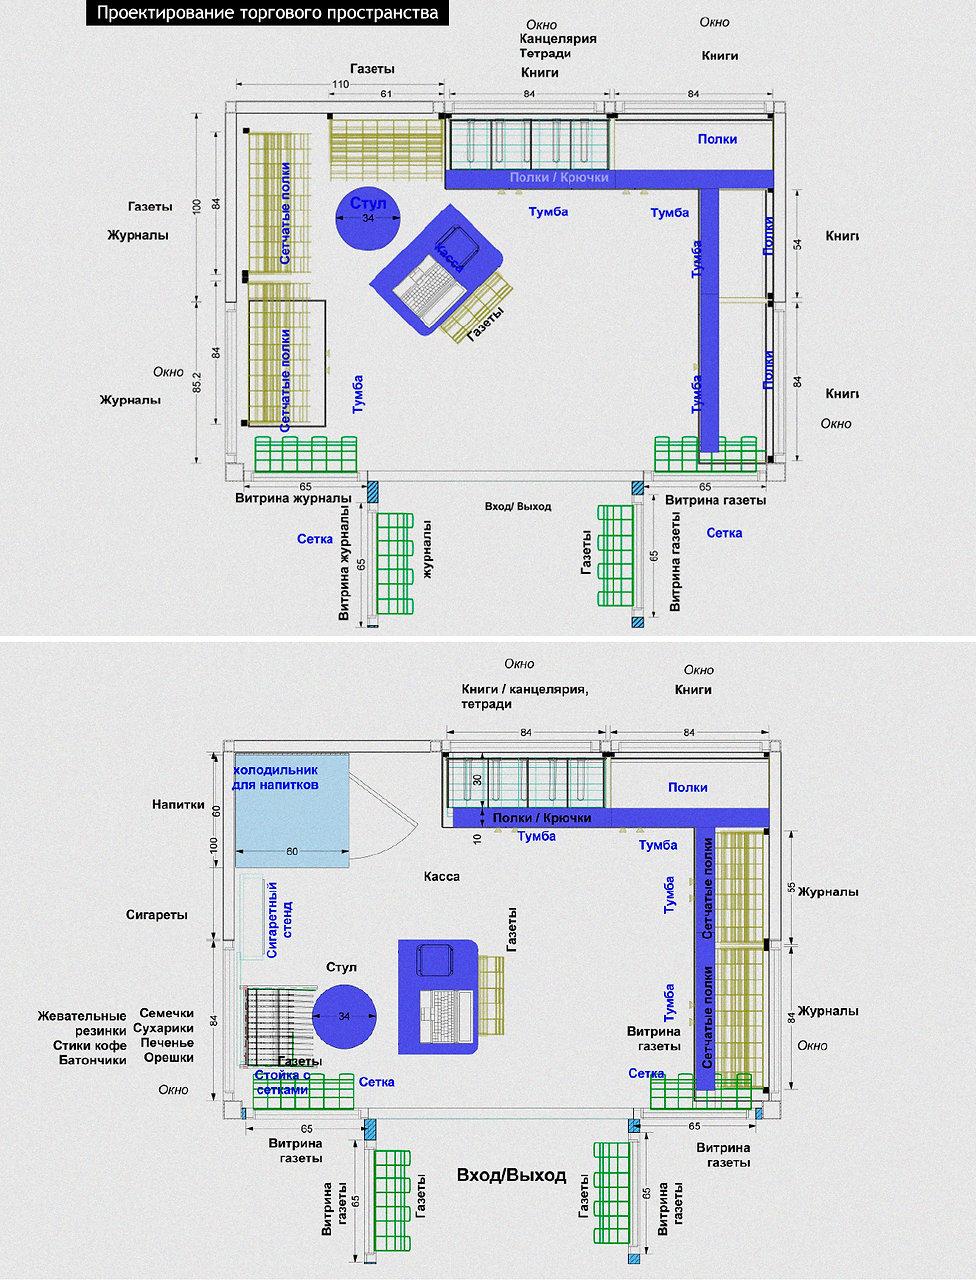 проектирование торгового пространства